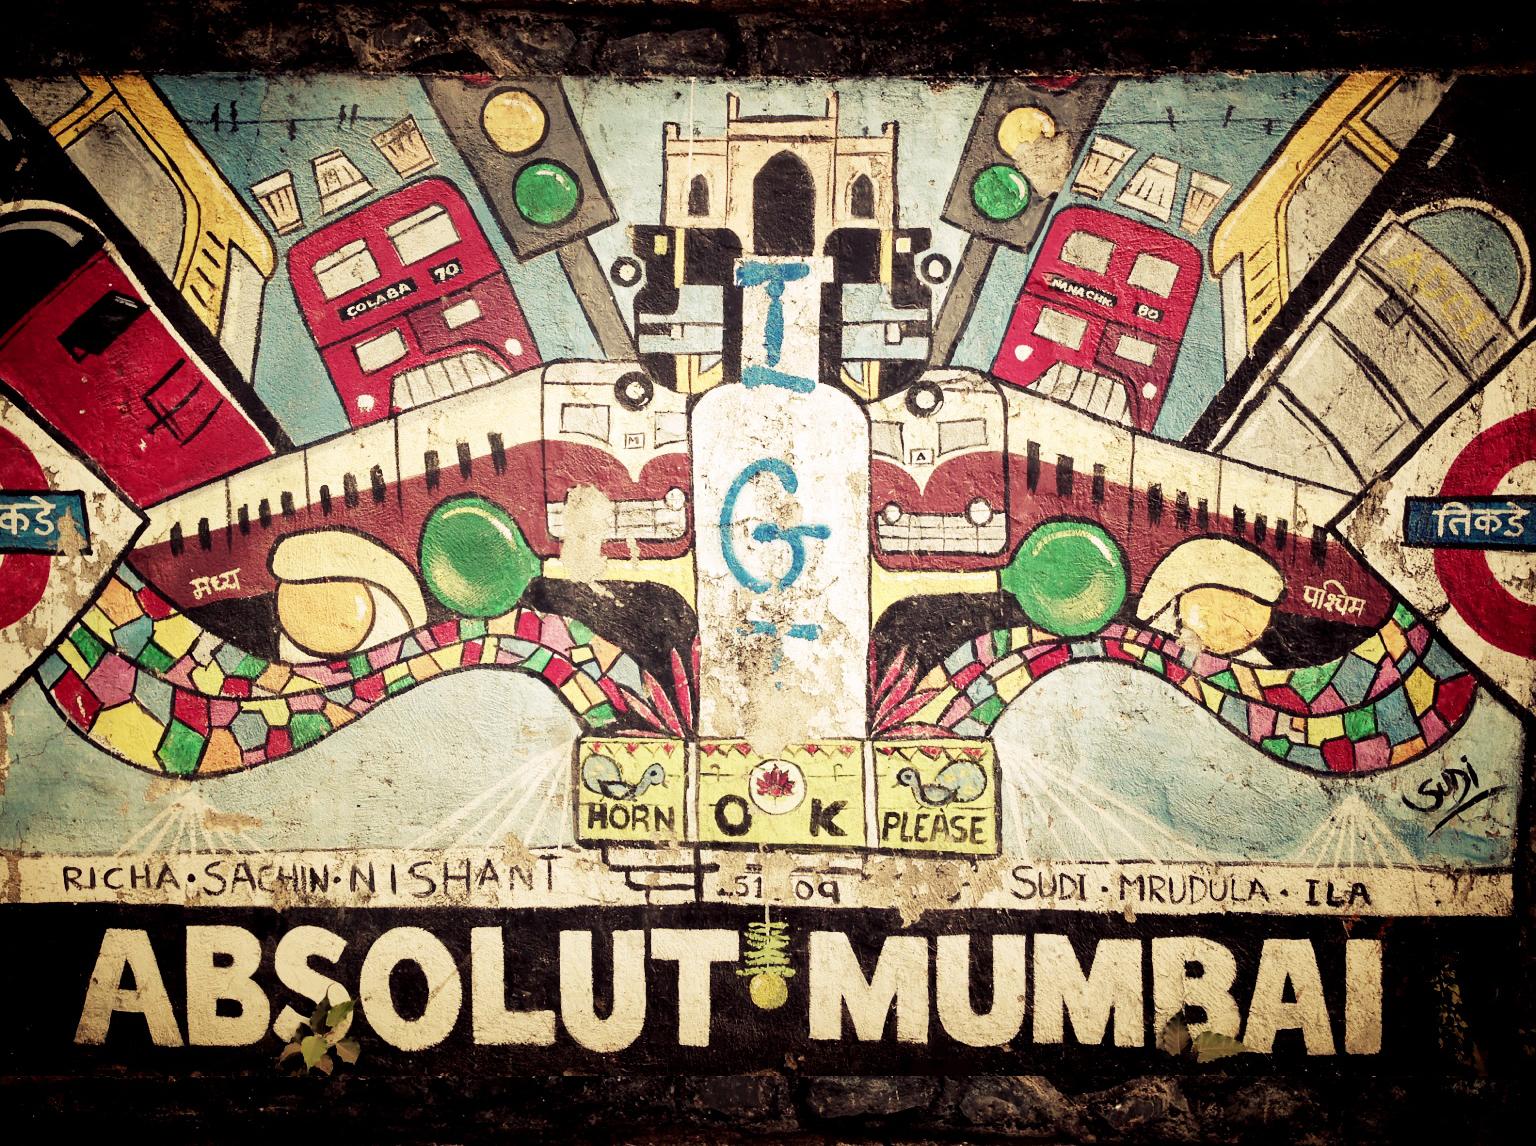 The wall project - Mumbai